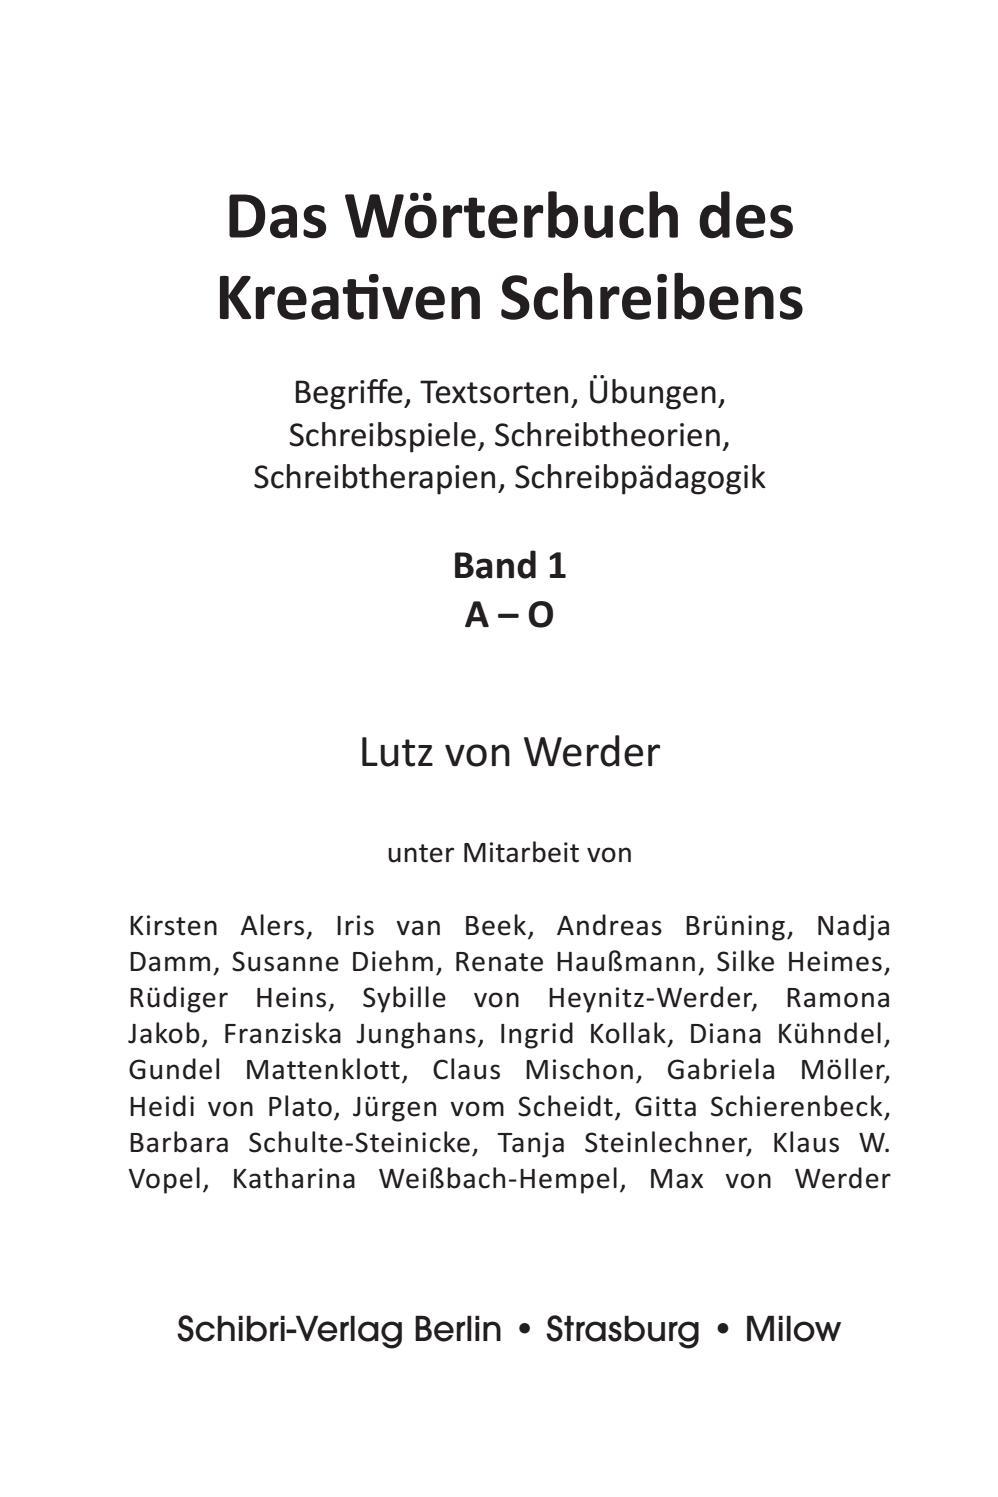 Wörterbuch des kreativen Schreibens – Band I und II by Schibri ...